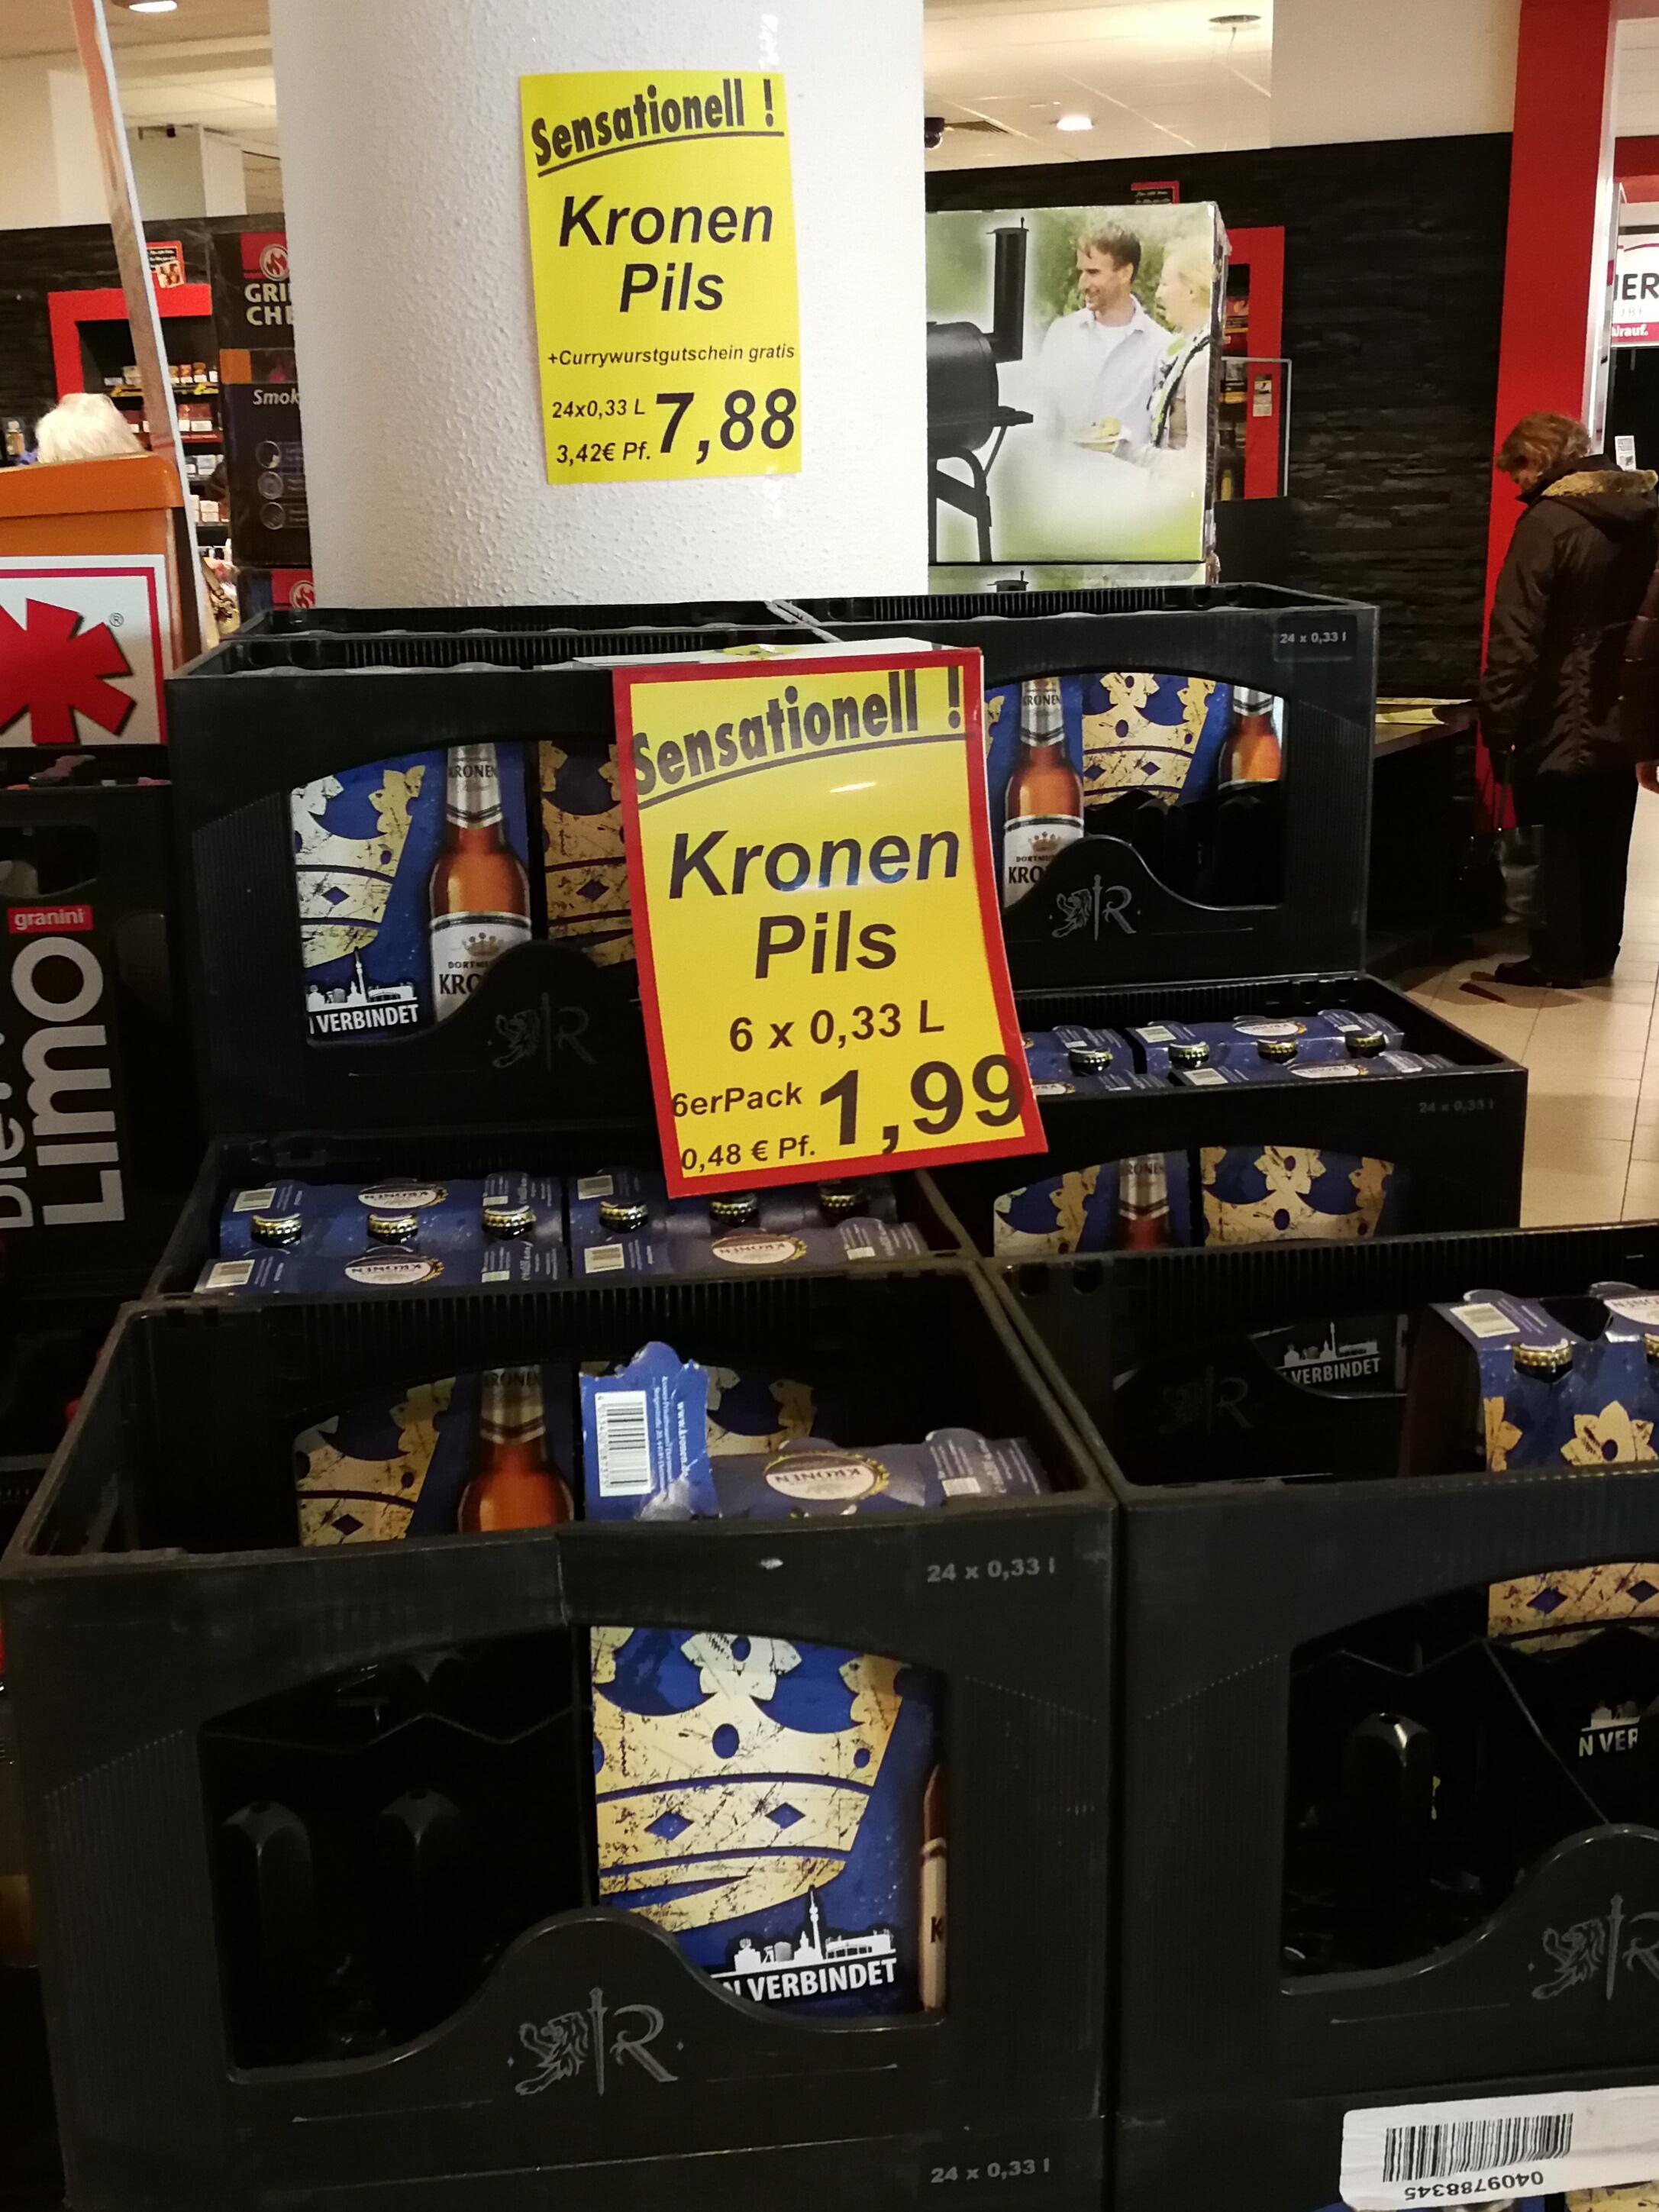 [Lokal] Kronen Pils Bier 24 x 0,33l für 7,88 € + gratis Gutschein für eine Currywurst Rewe Dortmund Saarlandstr.